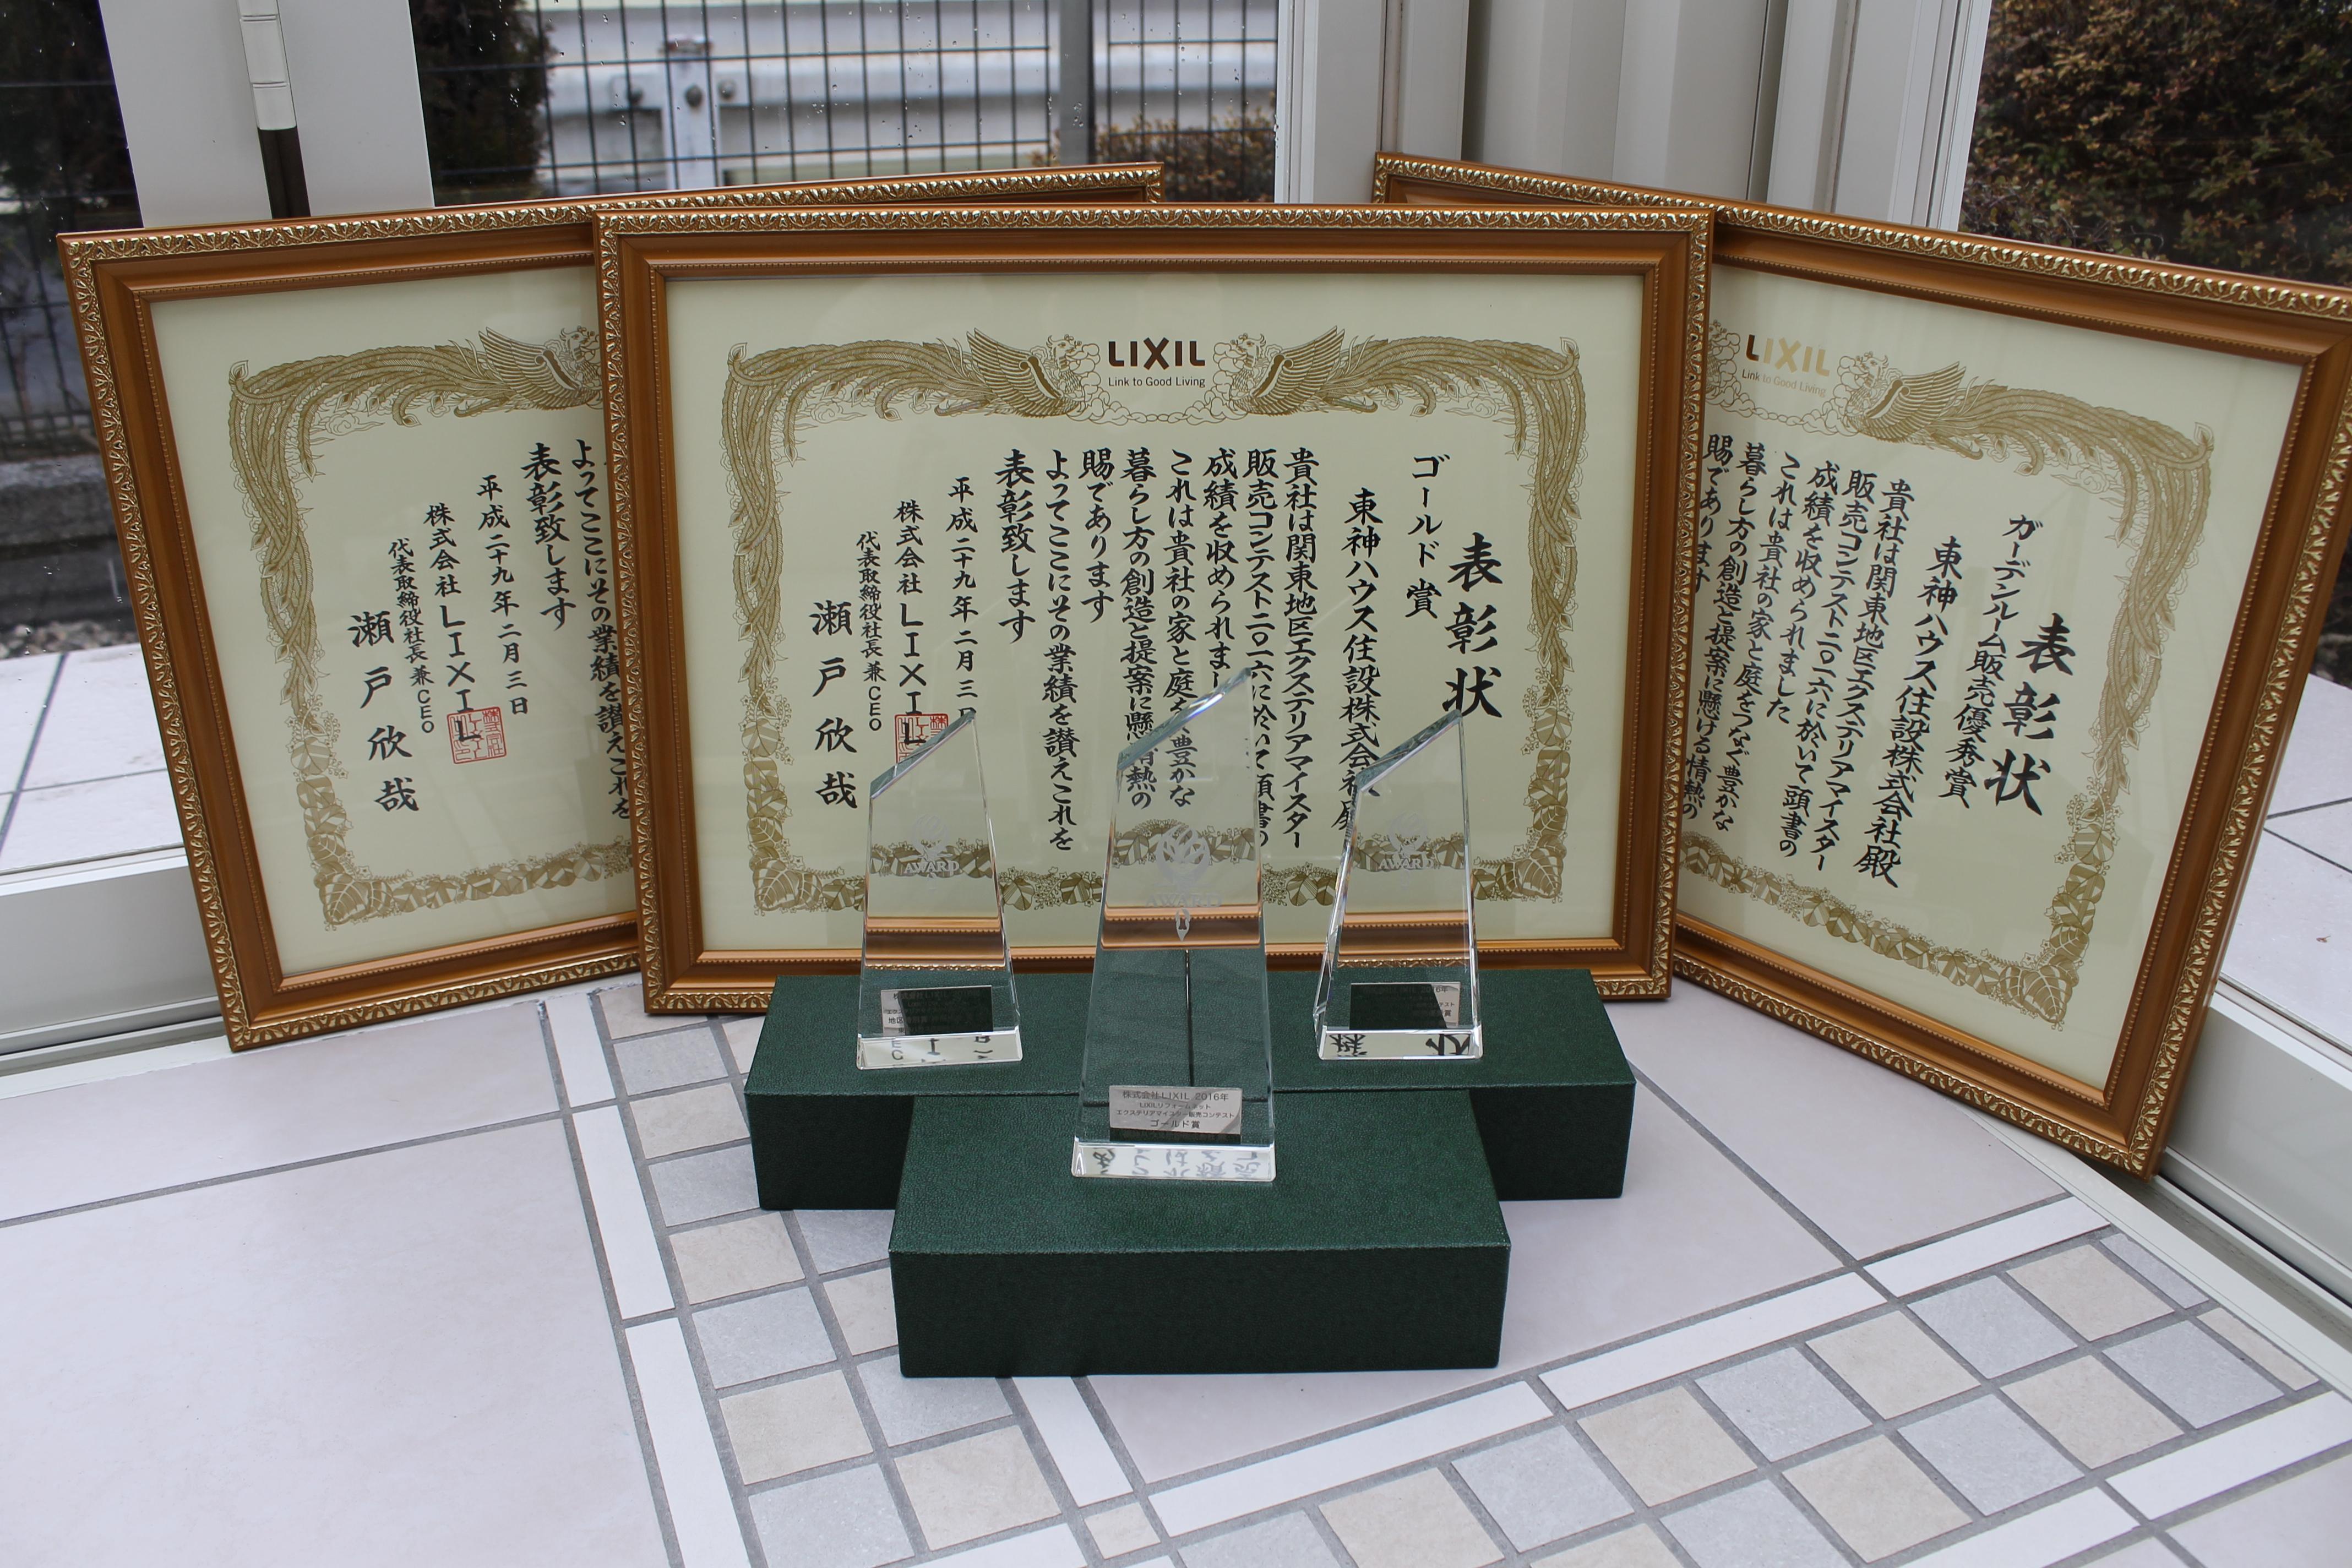 LIXILエクステリアコンテスト授賞トロフィー